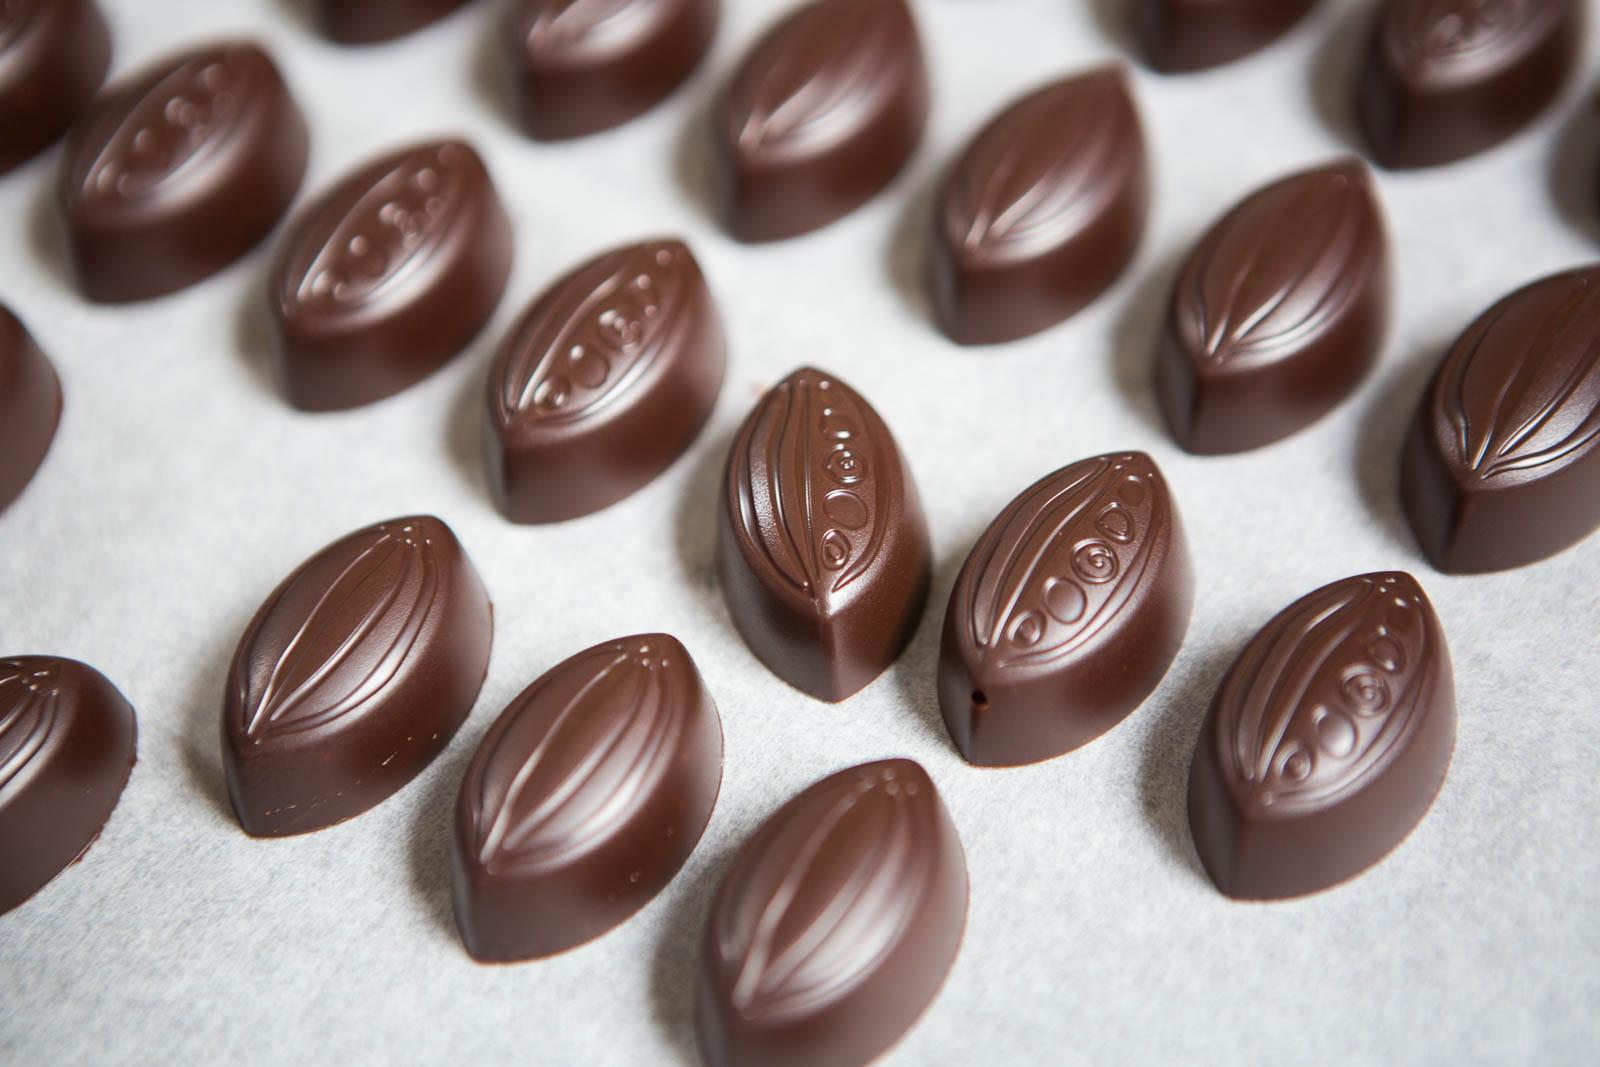 comment faire des bonbons au chocolat fourr s la ganache journal des femmes. Black Bedroom Furniture Sets. Home Design Ideas